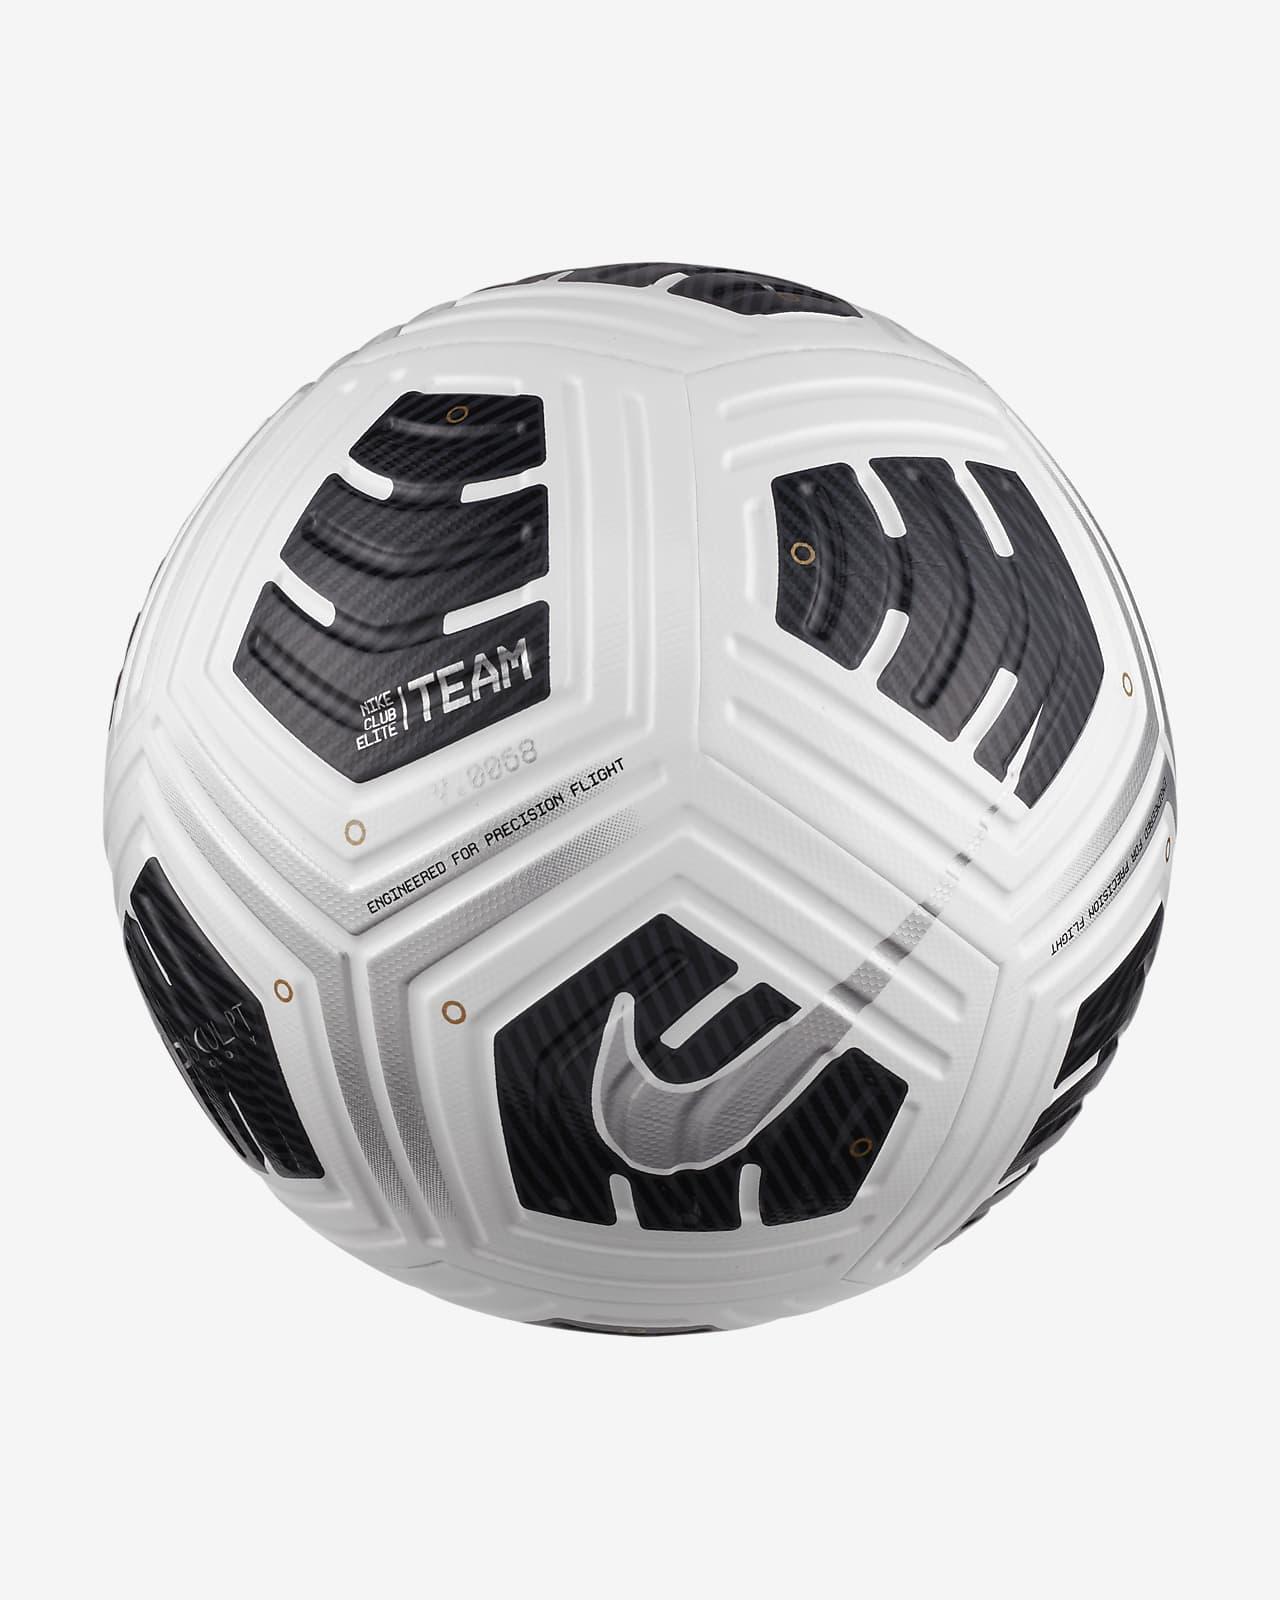 Balón de fútbol NFHS Club Elite Team